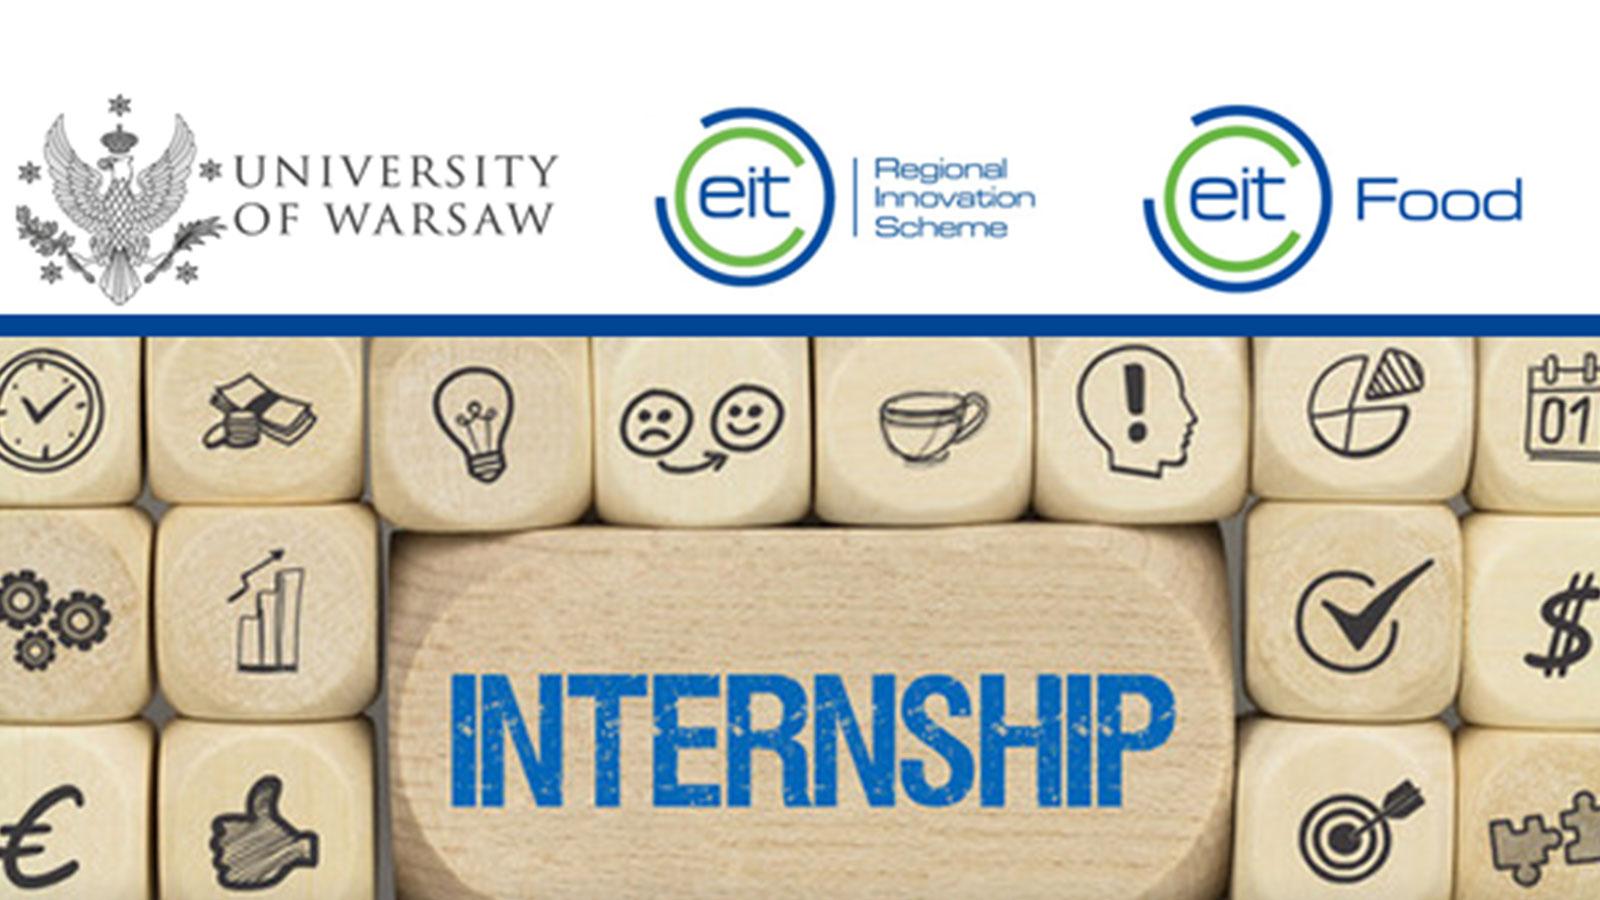 EIT Food EIT RIS Fellowships